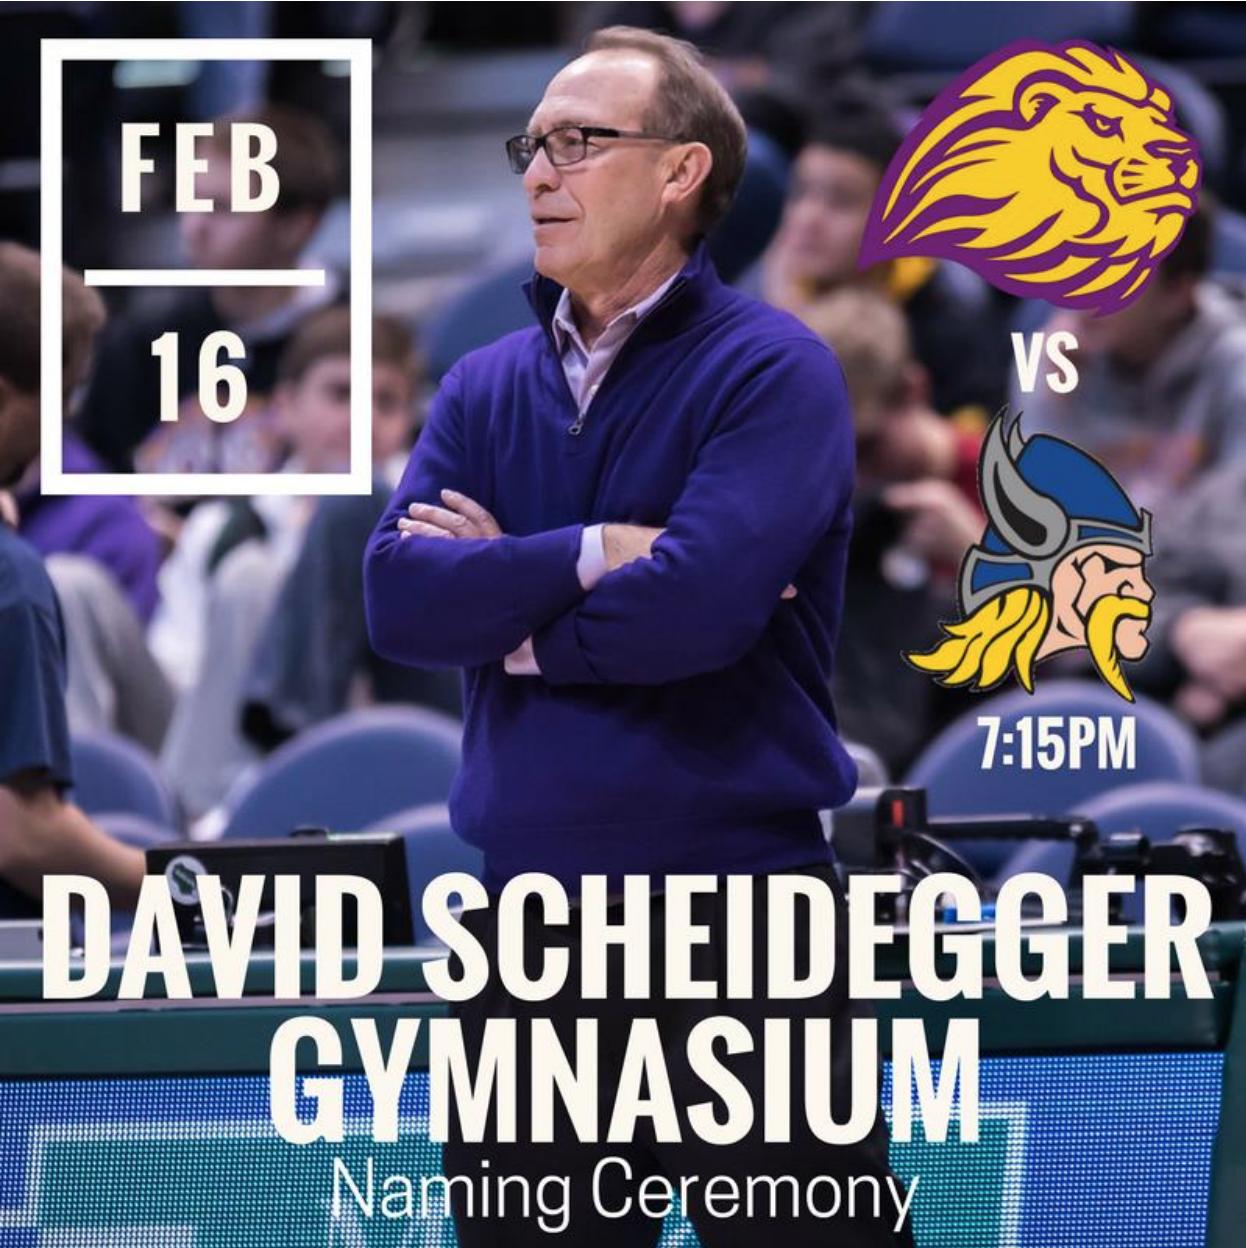 Coach Scheidegger